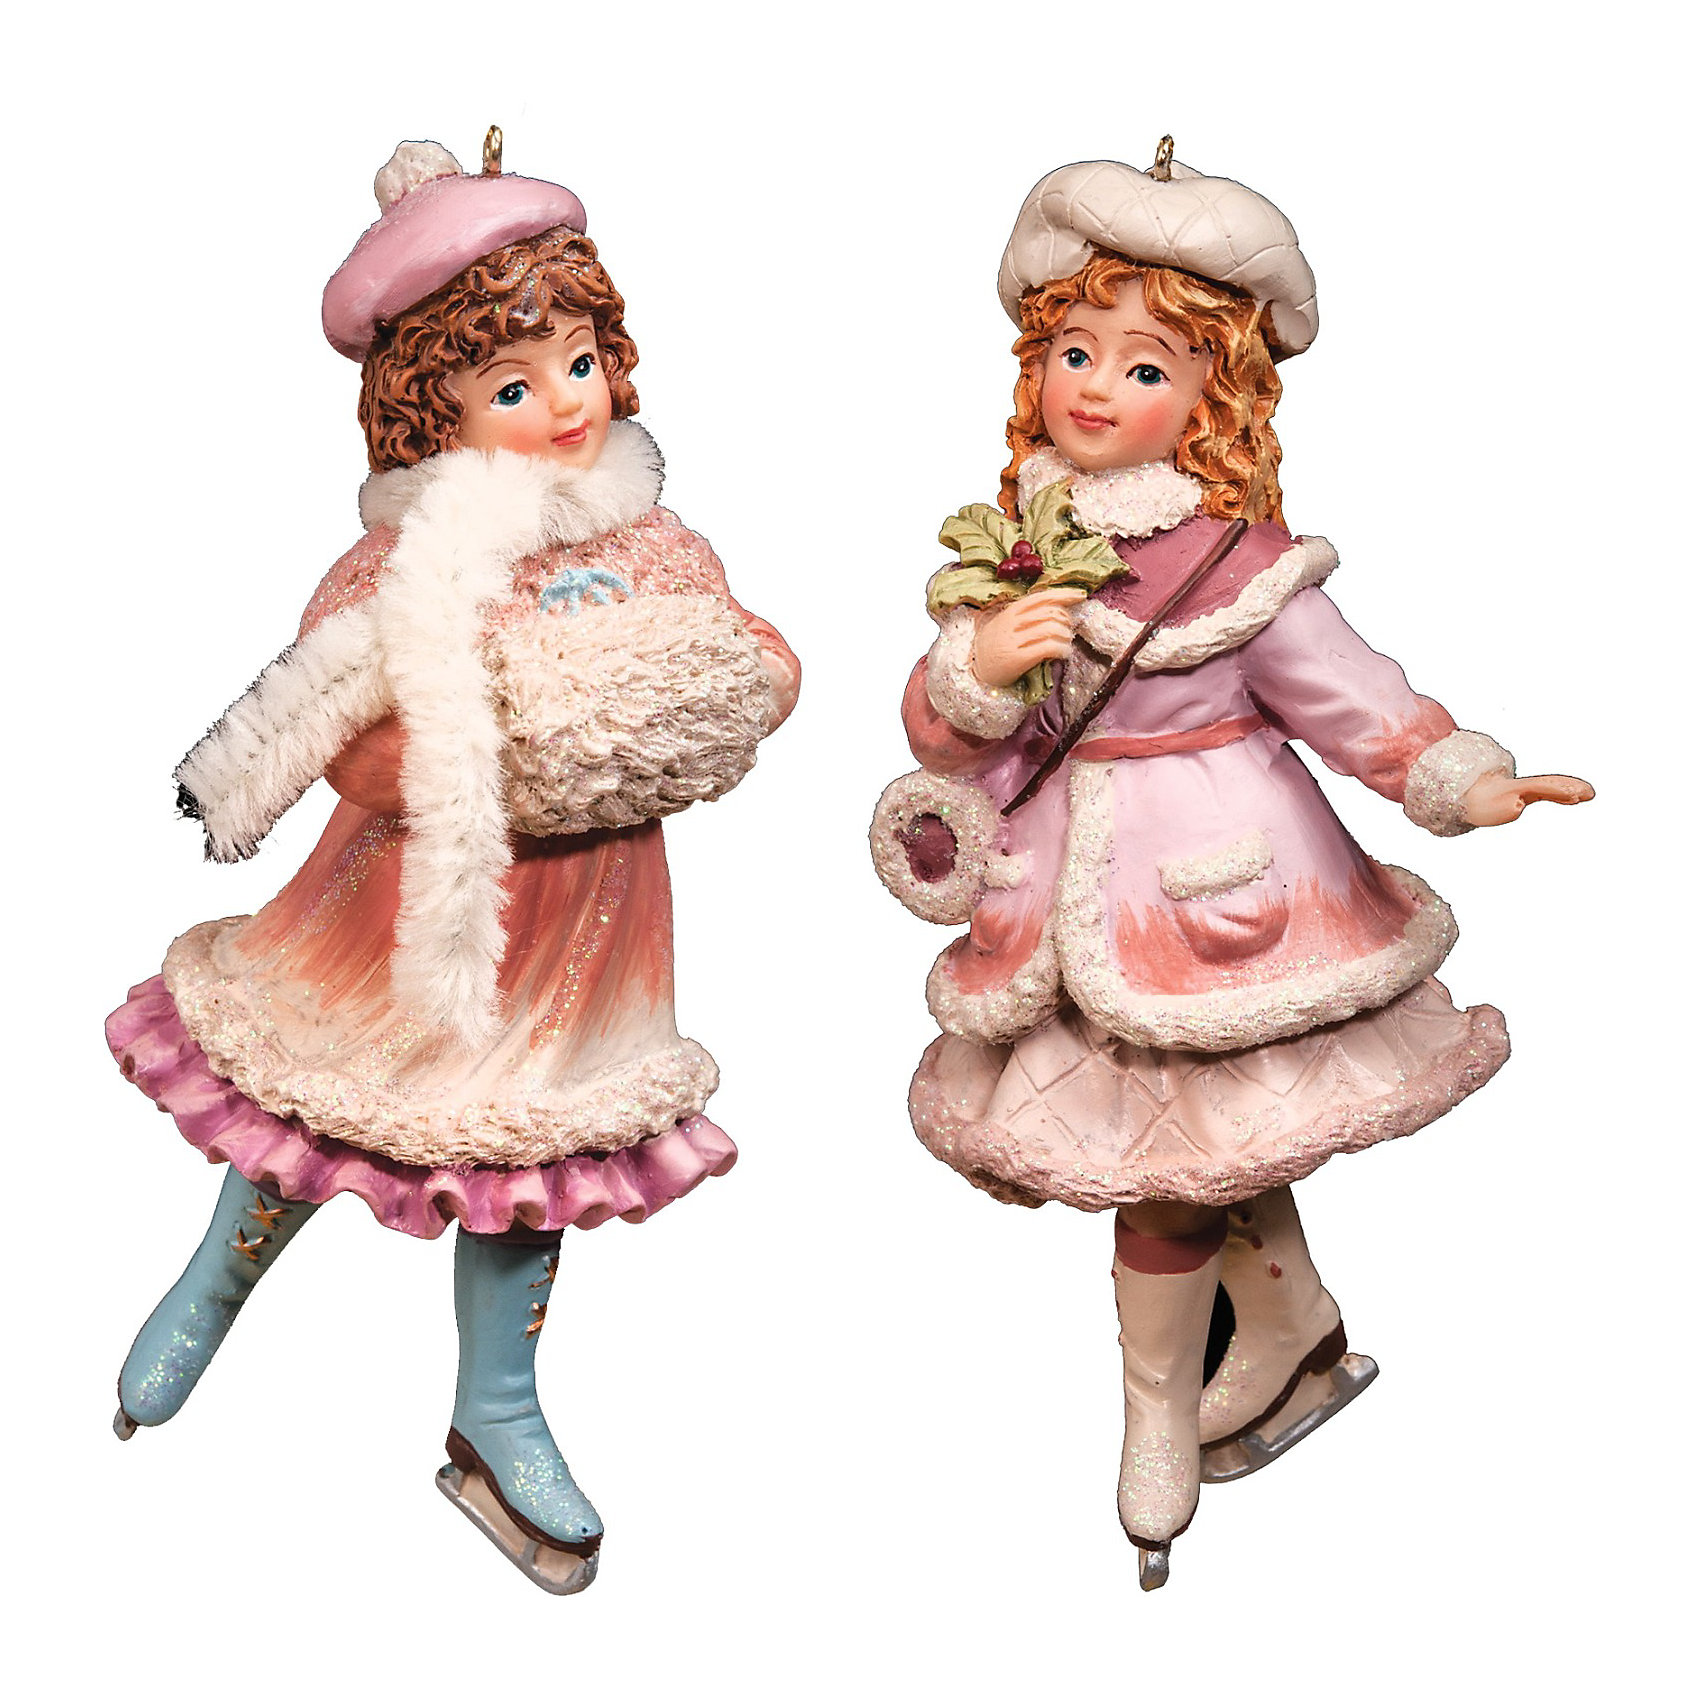 Украшение Парижанка на коньках 12см (в ассортименте)Новый год теплый семейный праздник! Наконец Вы можете вместе с близкими придаться любимым праздничным заботам. Украшение елки - важное мероприятие, ведь оно запомнится ребенку как счастливое и завораживающее событие на всю жизнь! Сделайте свою елочку ярче и прекраснее с украшением Парижанка на коньках от ErichKrause (ЭрихКраузе). Прекрасная Парижанка с легкостью скользит по льду! Беззаботная и прекрасная она лучше всех передает атмосферу праздника и присущей ему безмятежности! Украсьте свой дом праздничными аксессуарами от ErichKrause (ЭрихКраузе)!<br><br>Дополнительная информация:<br><br>- Чудесная елочная игрушка;<br>- Отличный новогодний подарок;<br>- Материал: полирезина;<br>- Размер украшения: 12 см;<br>- Размер упаковки: 4,5 х 6 х 12 см;<br>- Вес: 100 г<br><br>Внимание! Украшение поставляется в двух разных дизайнах. К сожалению, заранее выбрать определенный дизайн нельзя.<br><br>Украшение Парижанка на коньках 12см (в ассортименте), ErichKrause (ЭрихКраузе) можно купить в нашем интернет-магазине.<br><br>Ширина мм: 45<br>Глубина мм: 60<br>Высота мм: 120<br>Вес г: 100<br>Возраст от месяцев: 36<br>Возраст до месяцев: 216<br>Пол: Унисекс<br>Возраст: Детский<br>SKU: 3857228